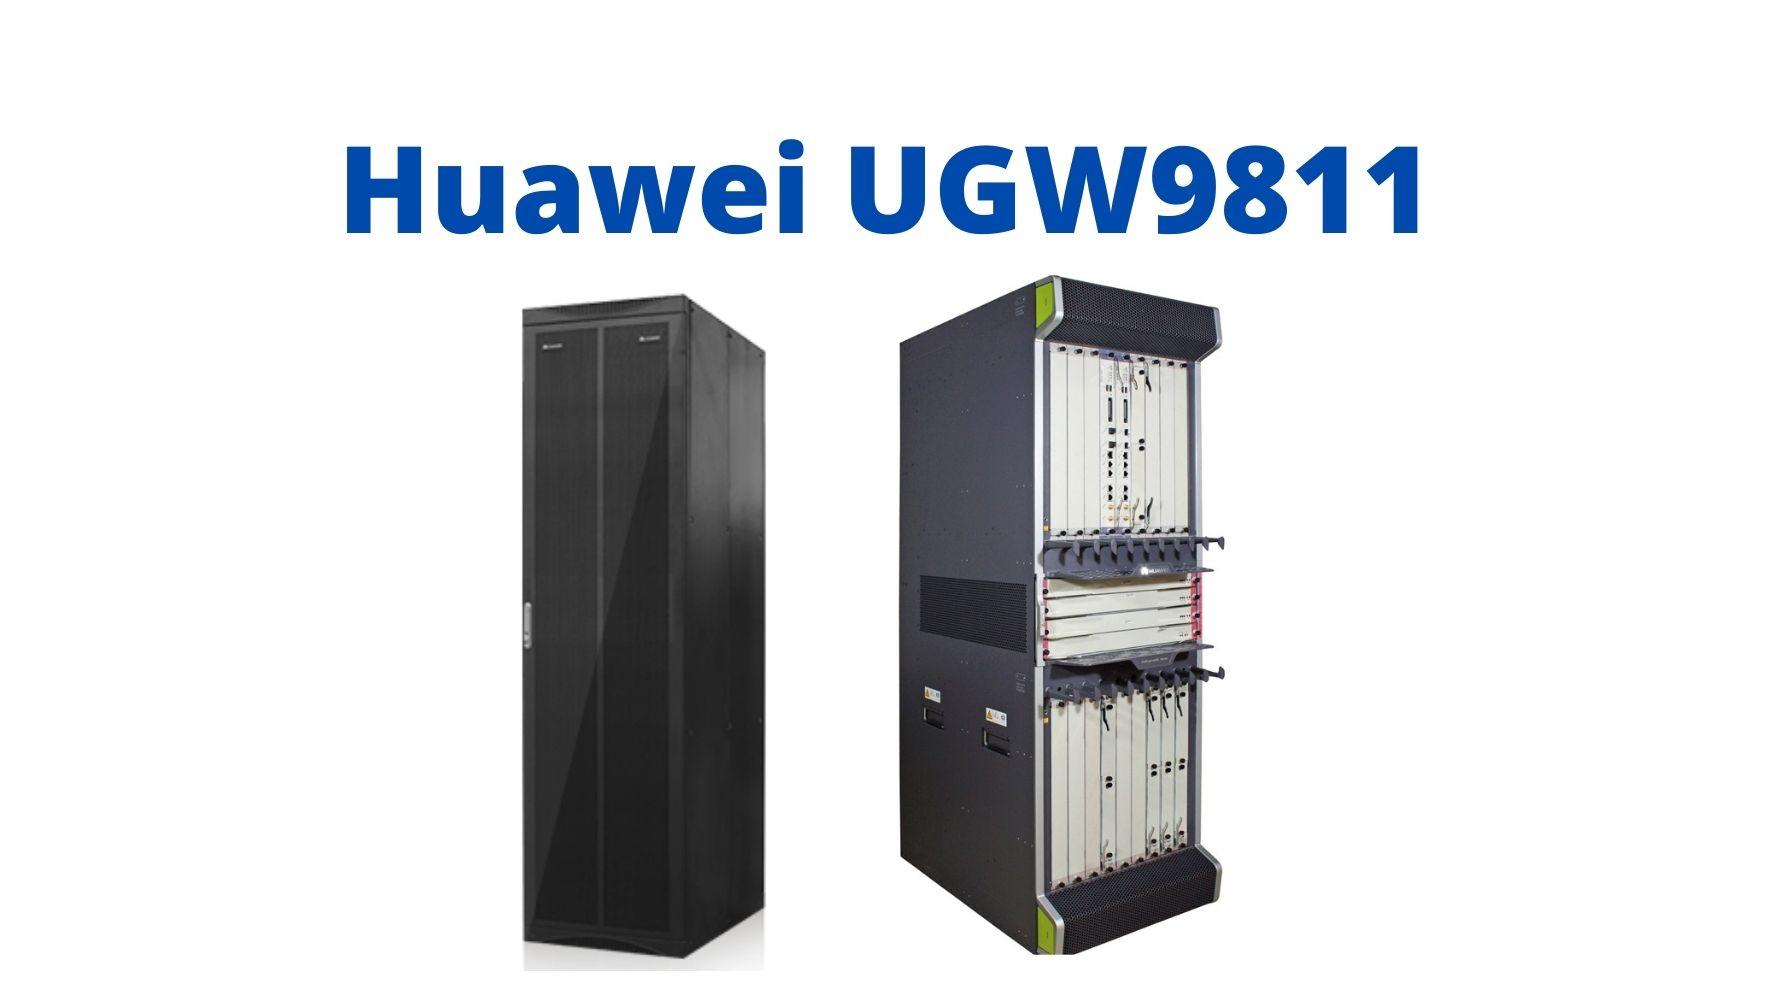 Huawei UGW9811